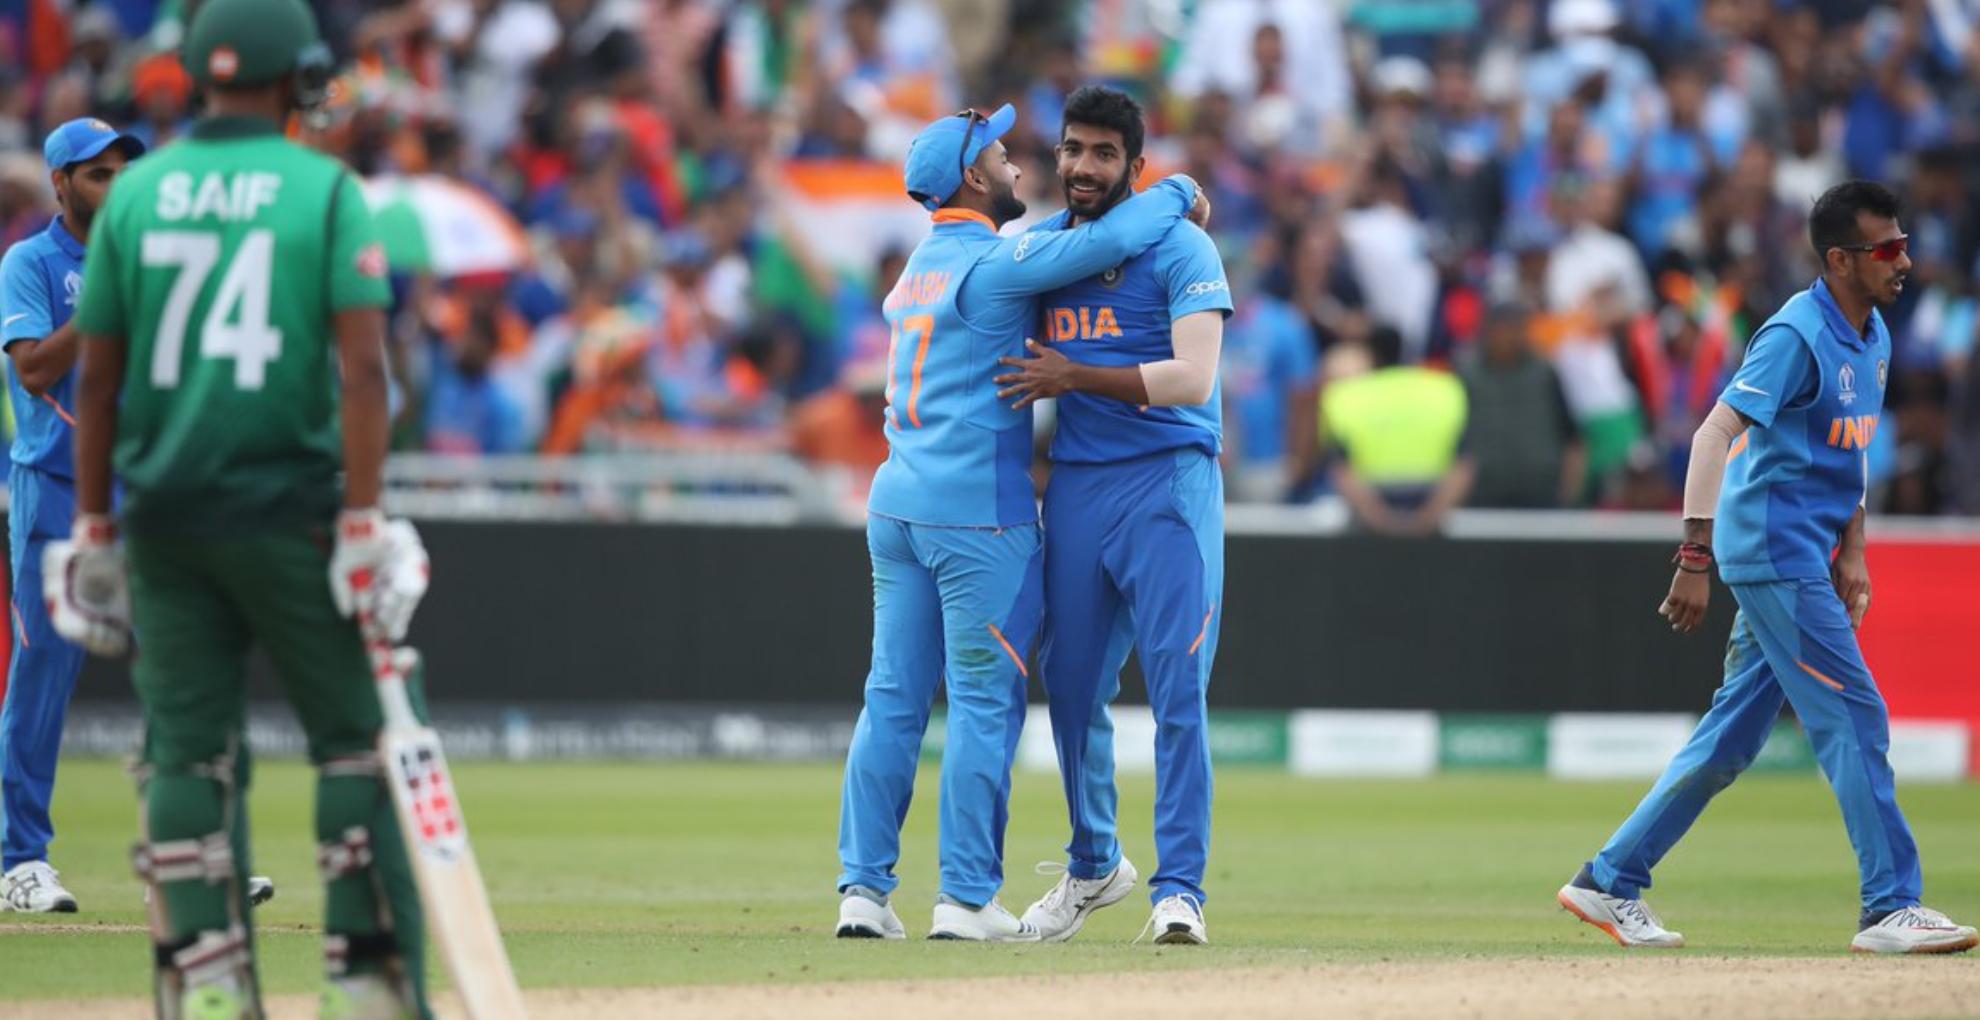 World Cup 2019: भारत ने बांग्लादेश को 28 रन से हराया, 7वीं बार सेमीफाइनल में पहुंची टीम इंडिया